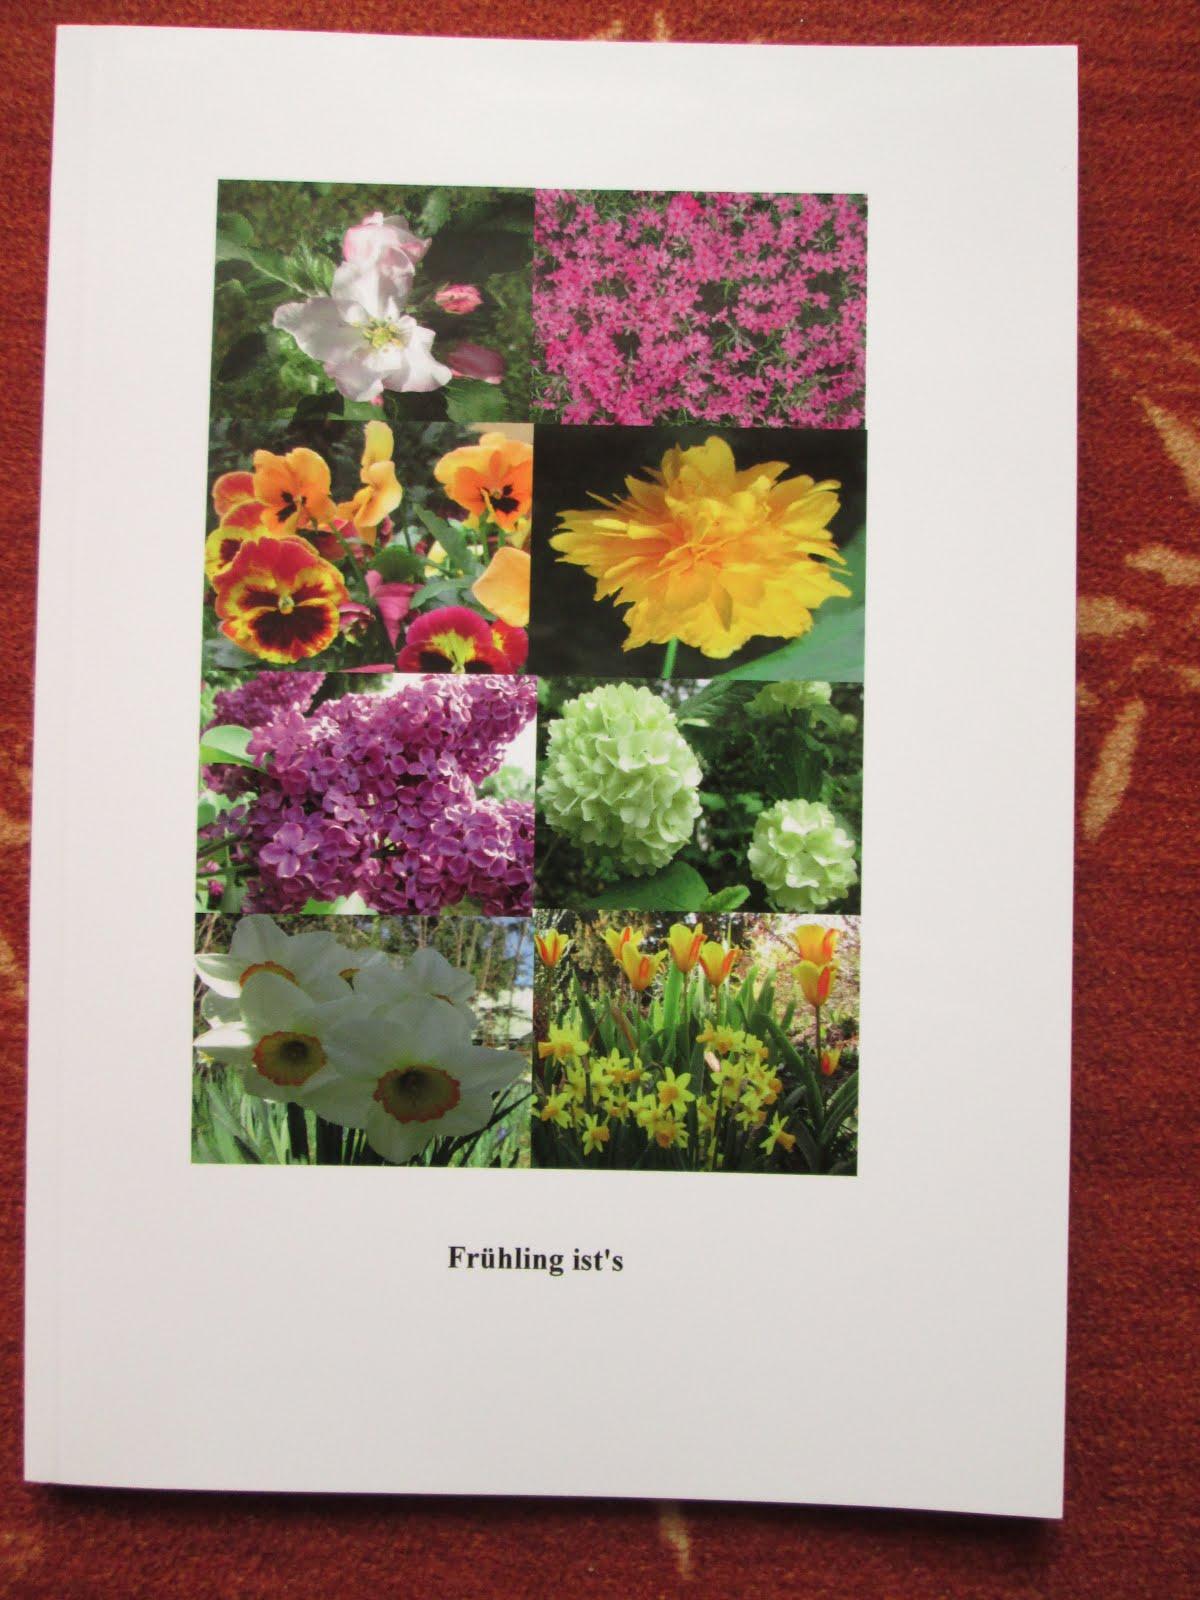 Ein Büchlein - dem Frühling zugedacht